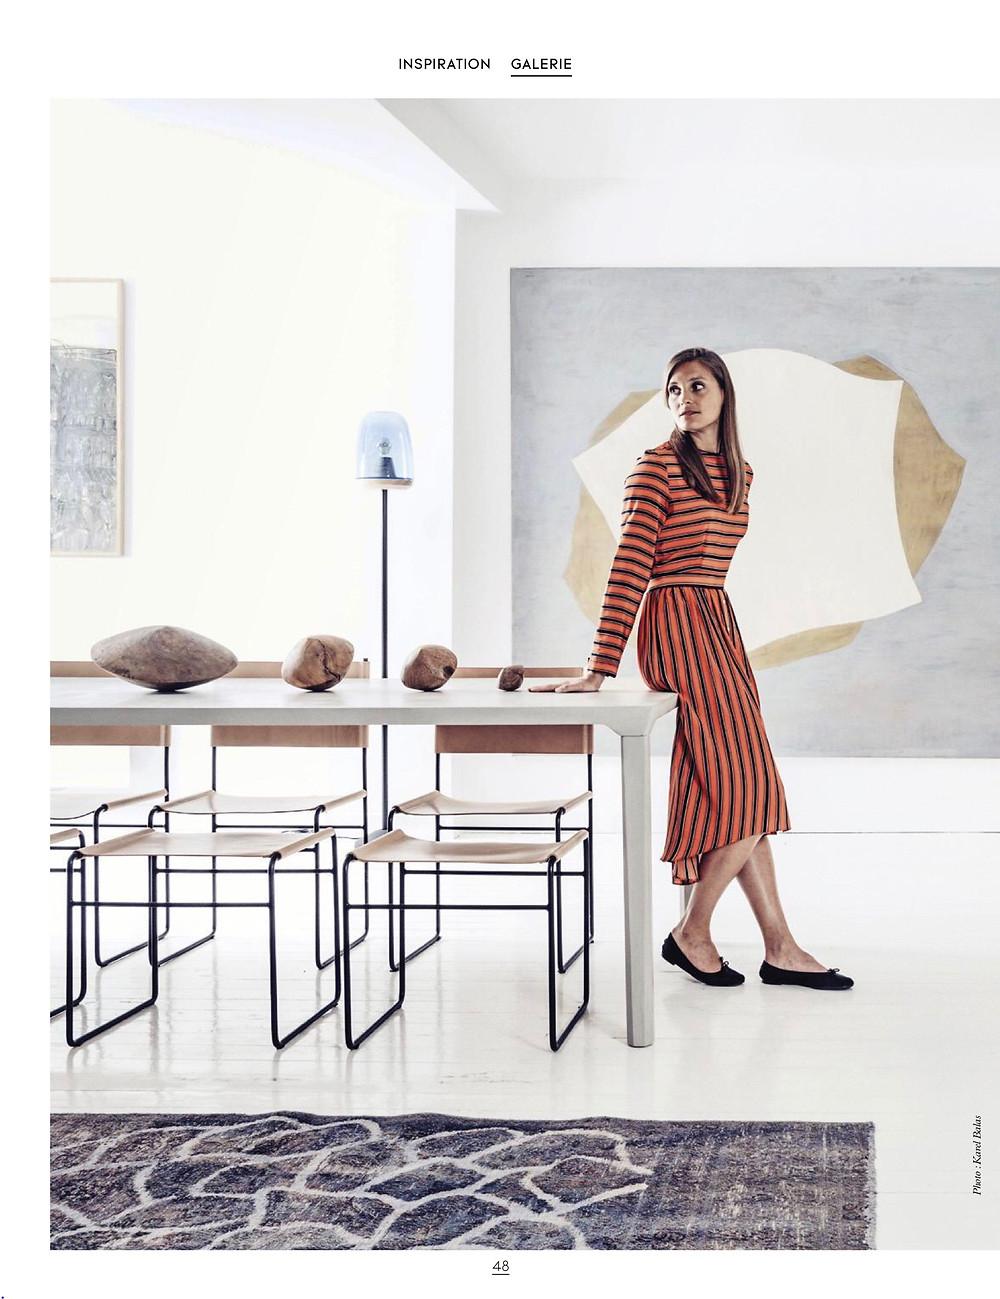 Amélie Chalard dans sa galerie de créateurs et d'artistes. Rencontrée par Silvia Violati, Décoratrice UFDI.